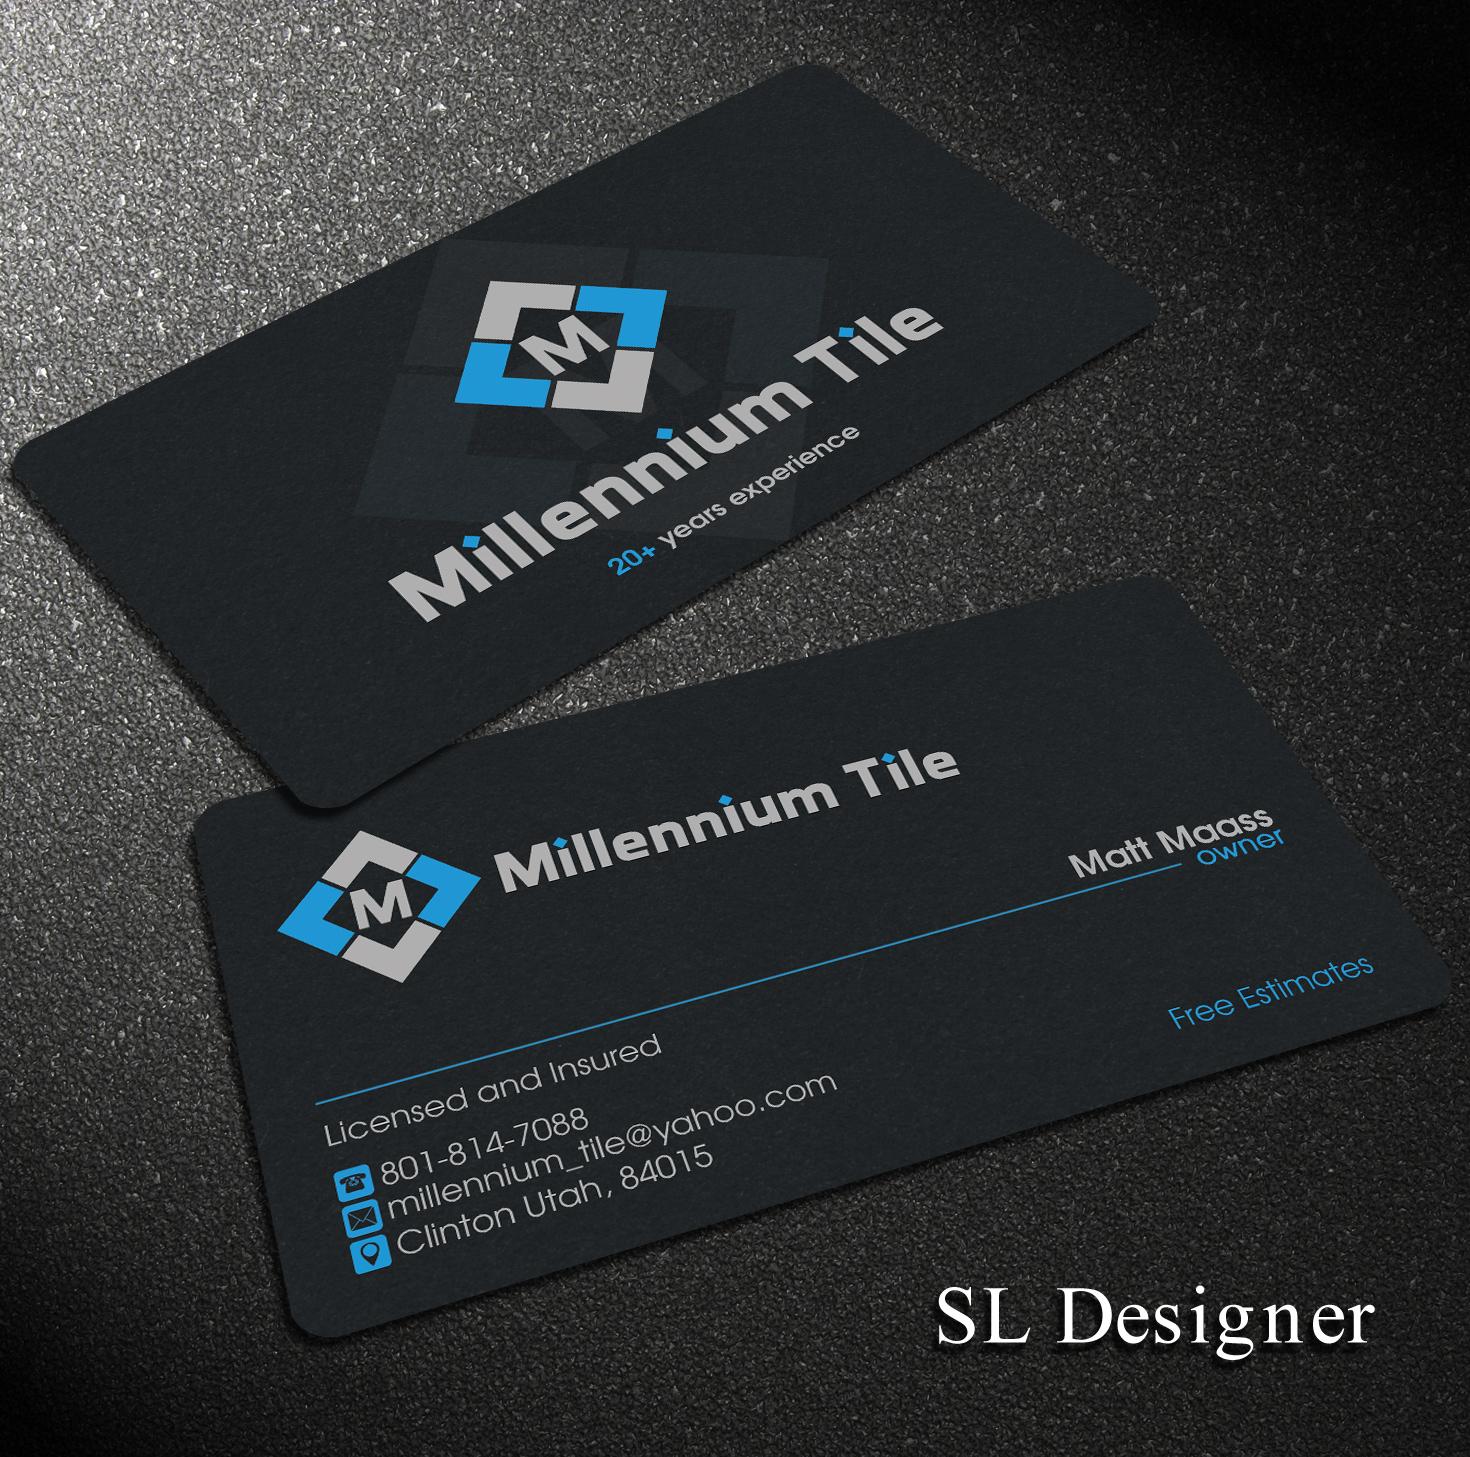 Elegant Playful Business Card Design for Millennium Tile LLC by